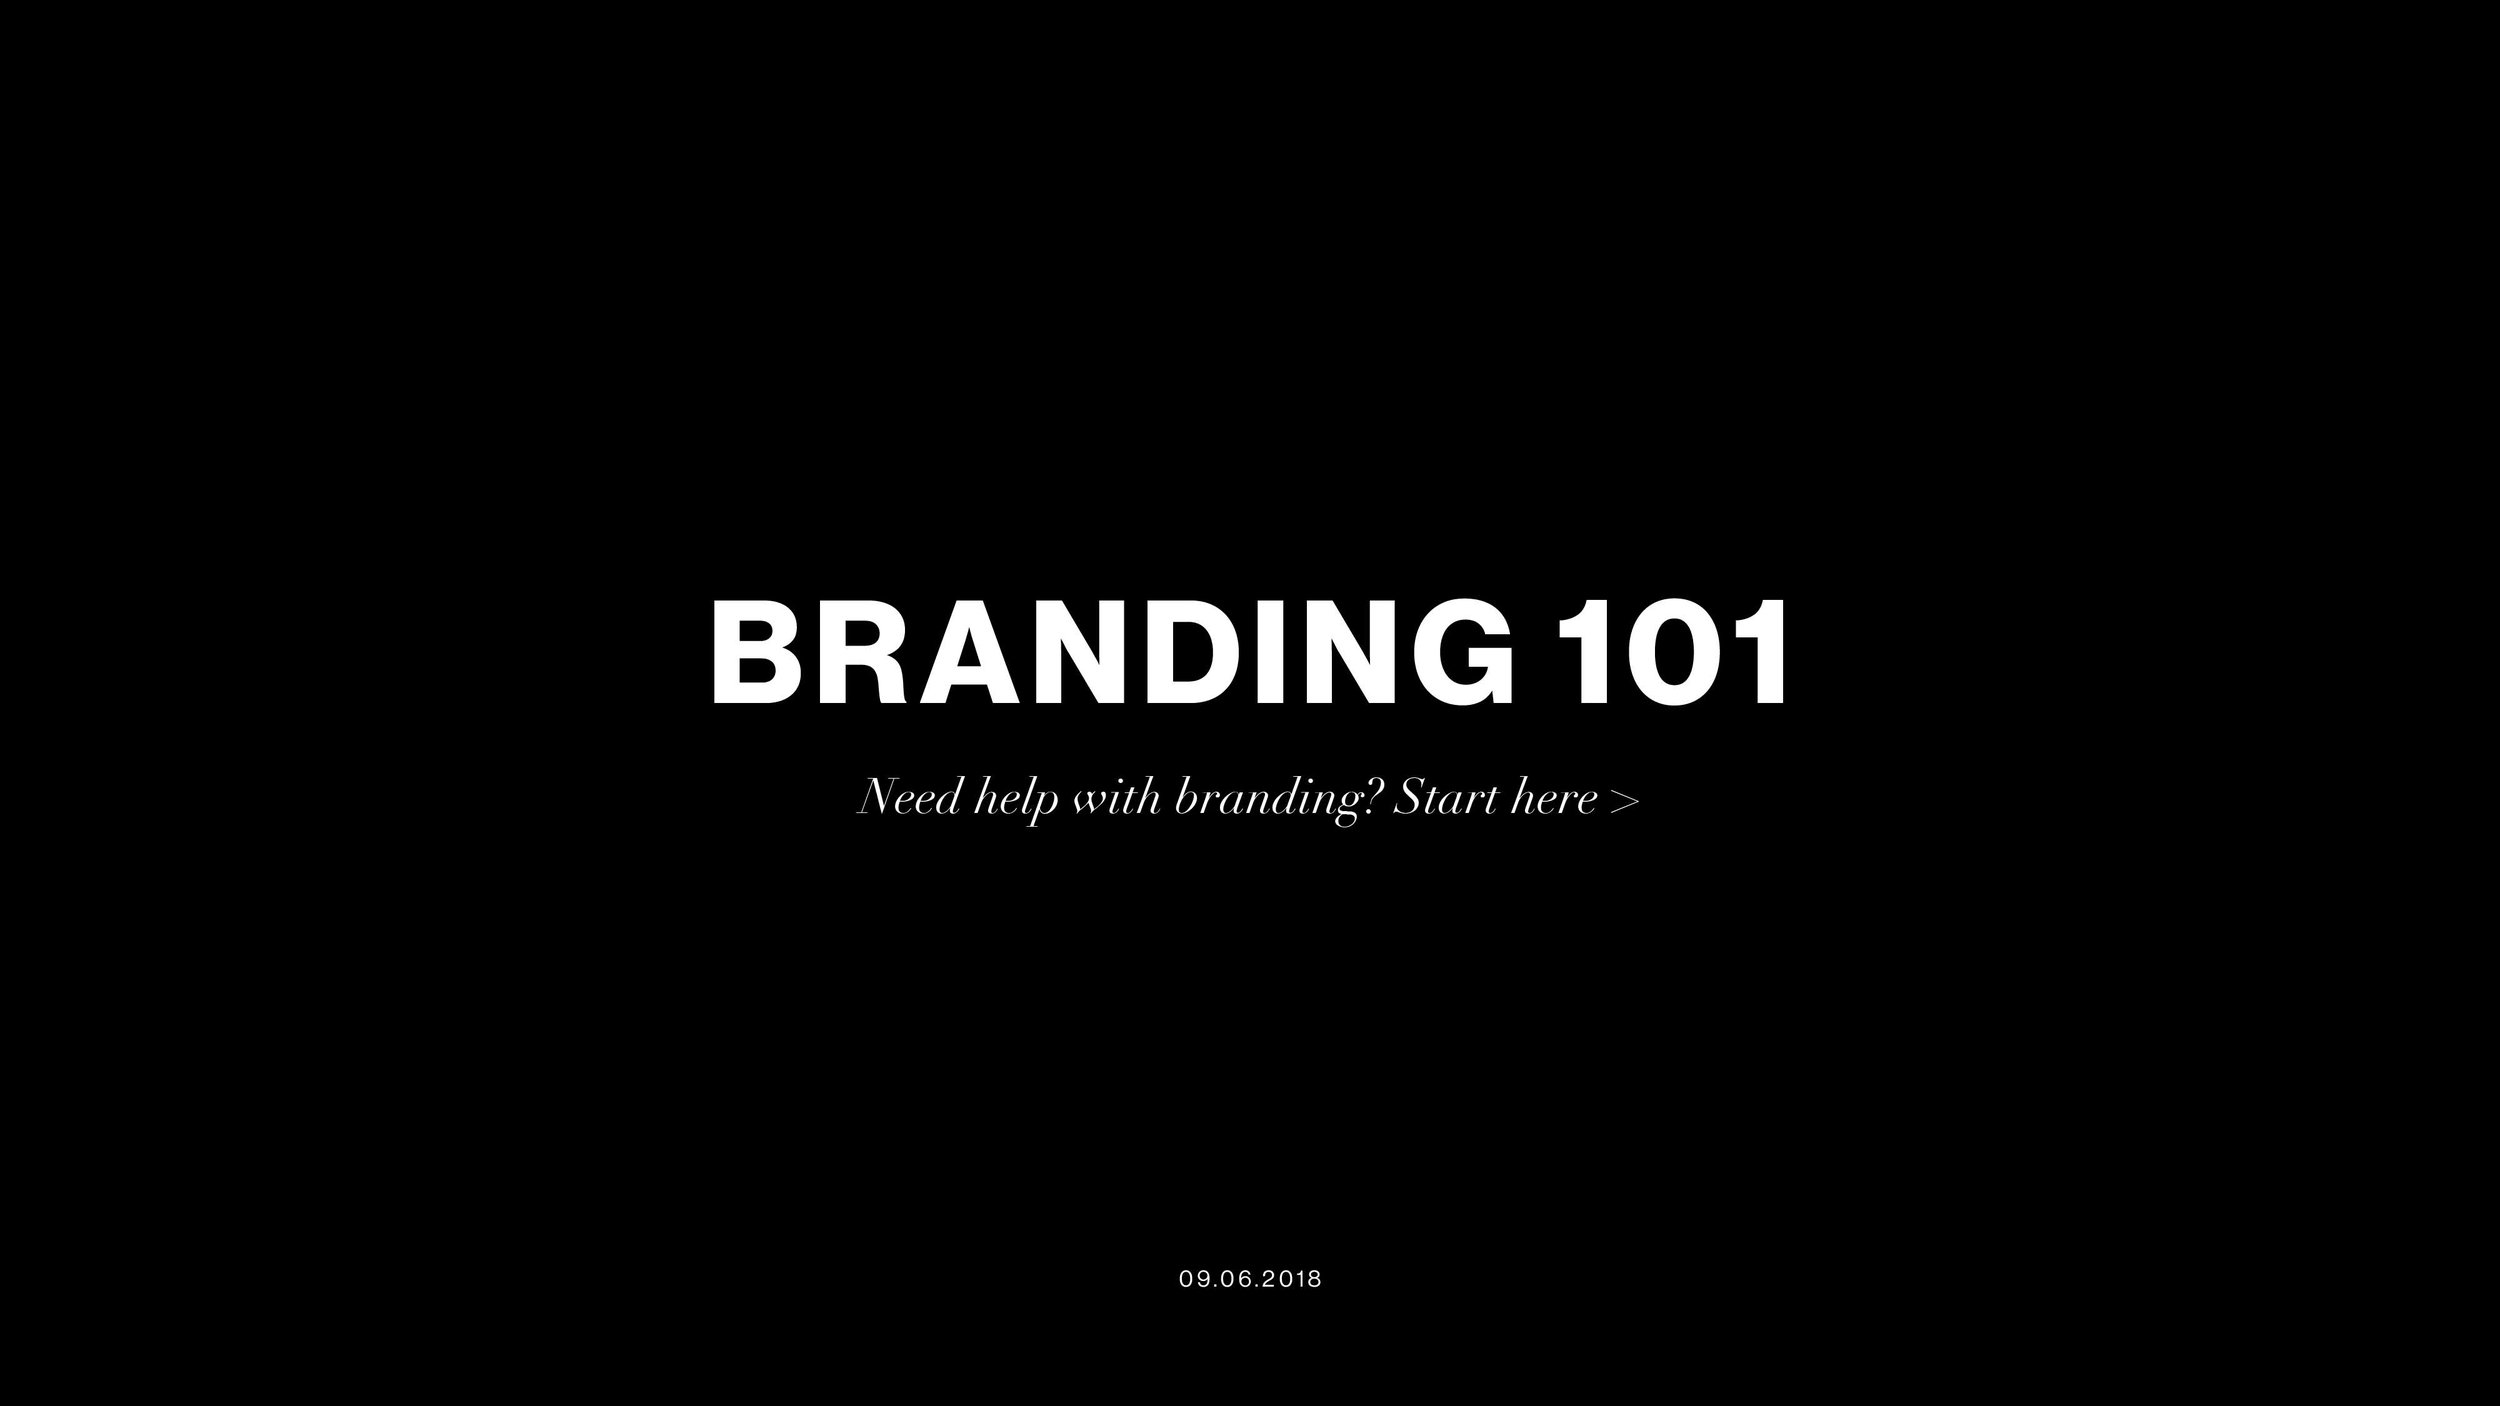 Branding 101_Image.jpg